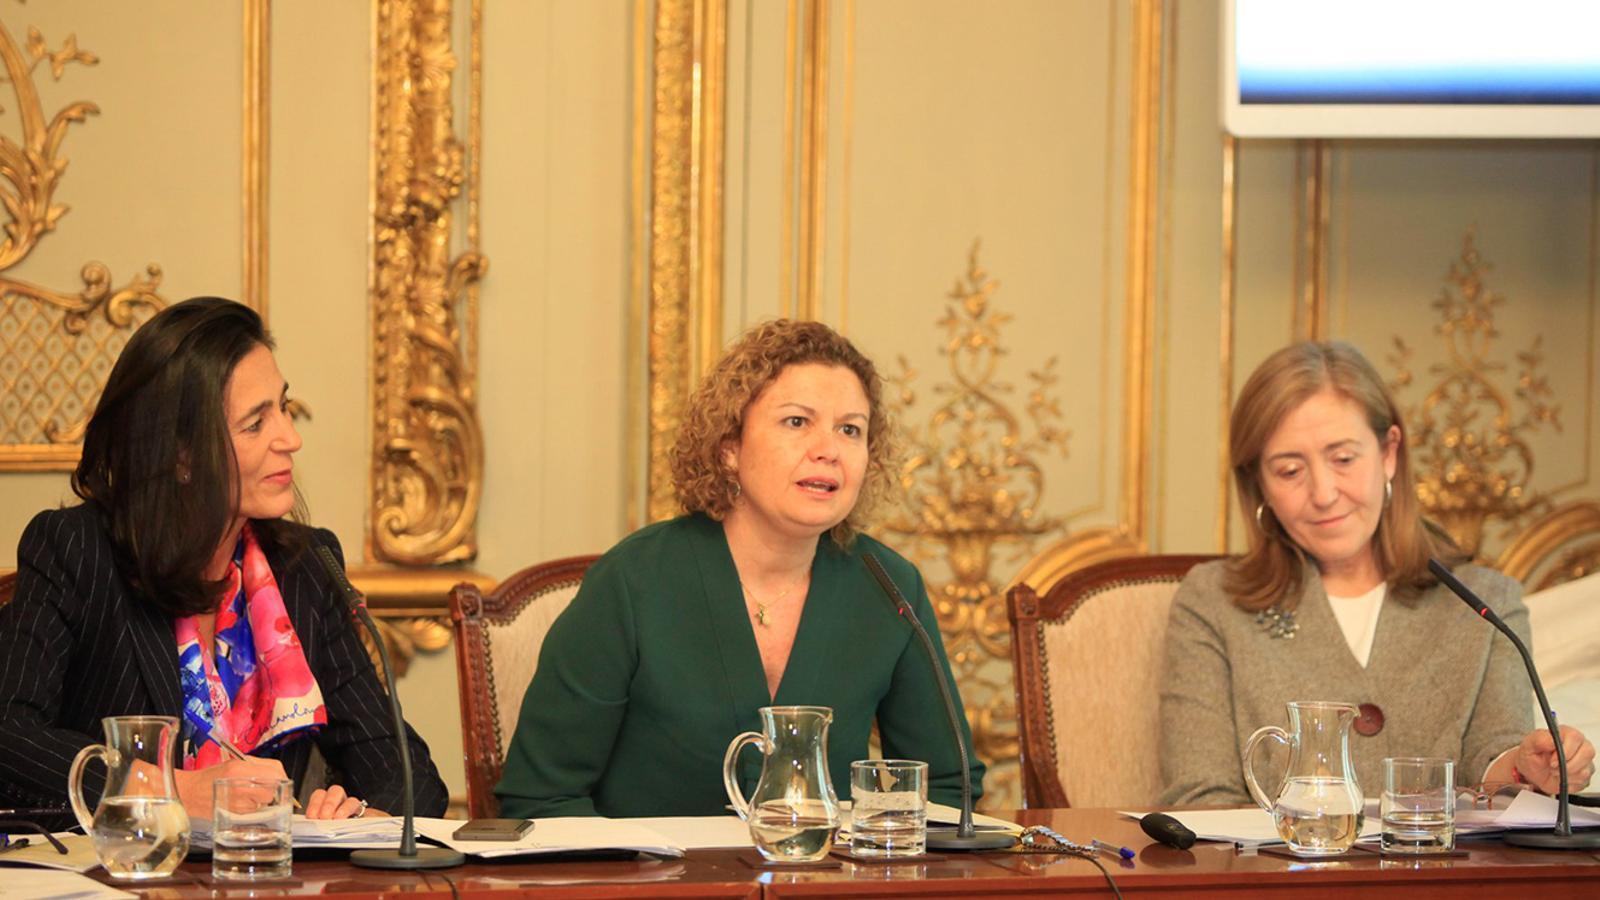 La degana del Col·legi de Registradors d'Espanya, María Emilia Adán (centre), durant la seva intervenció en la I Jornada d'Igualtat i Justícia, organizada pel ministeri de Justícia espanyol el mes de febrer. / COLEGIO DE REGISTRADORES